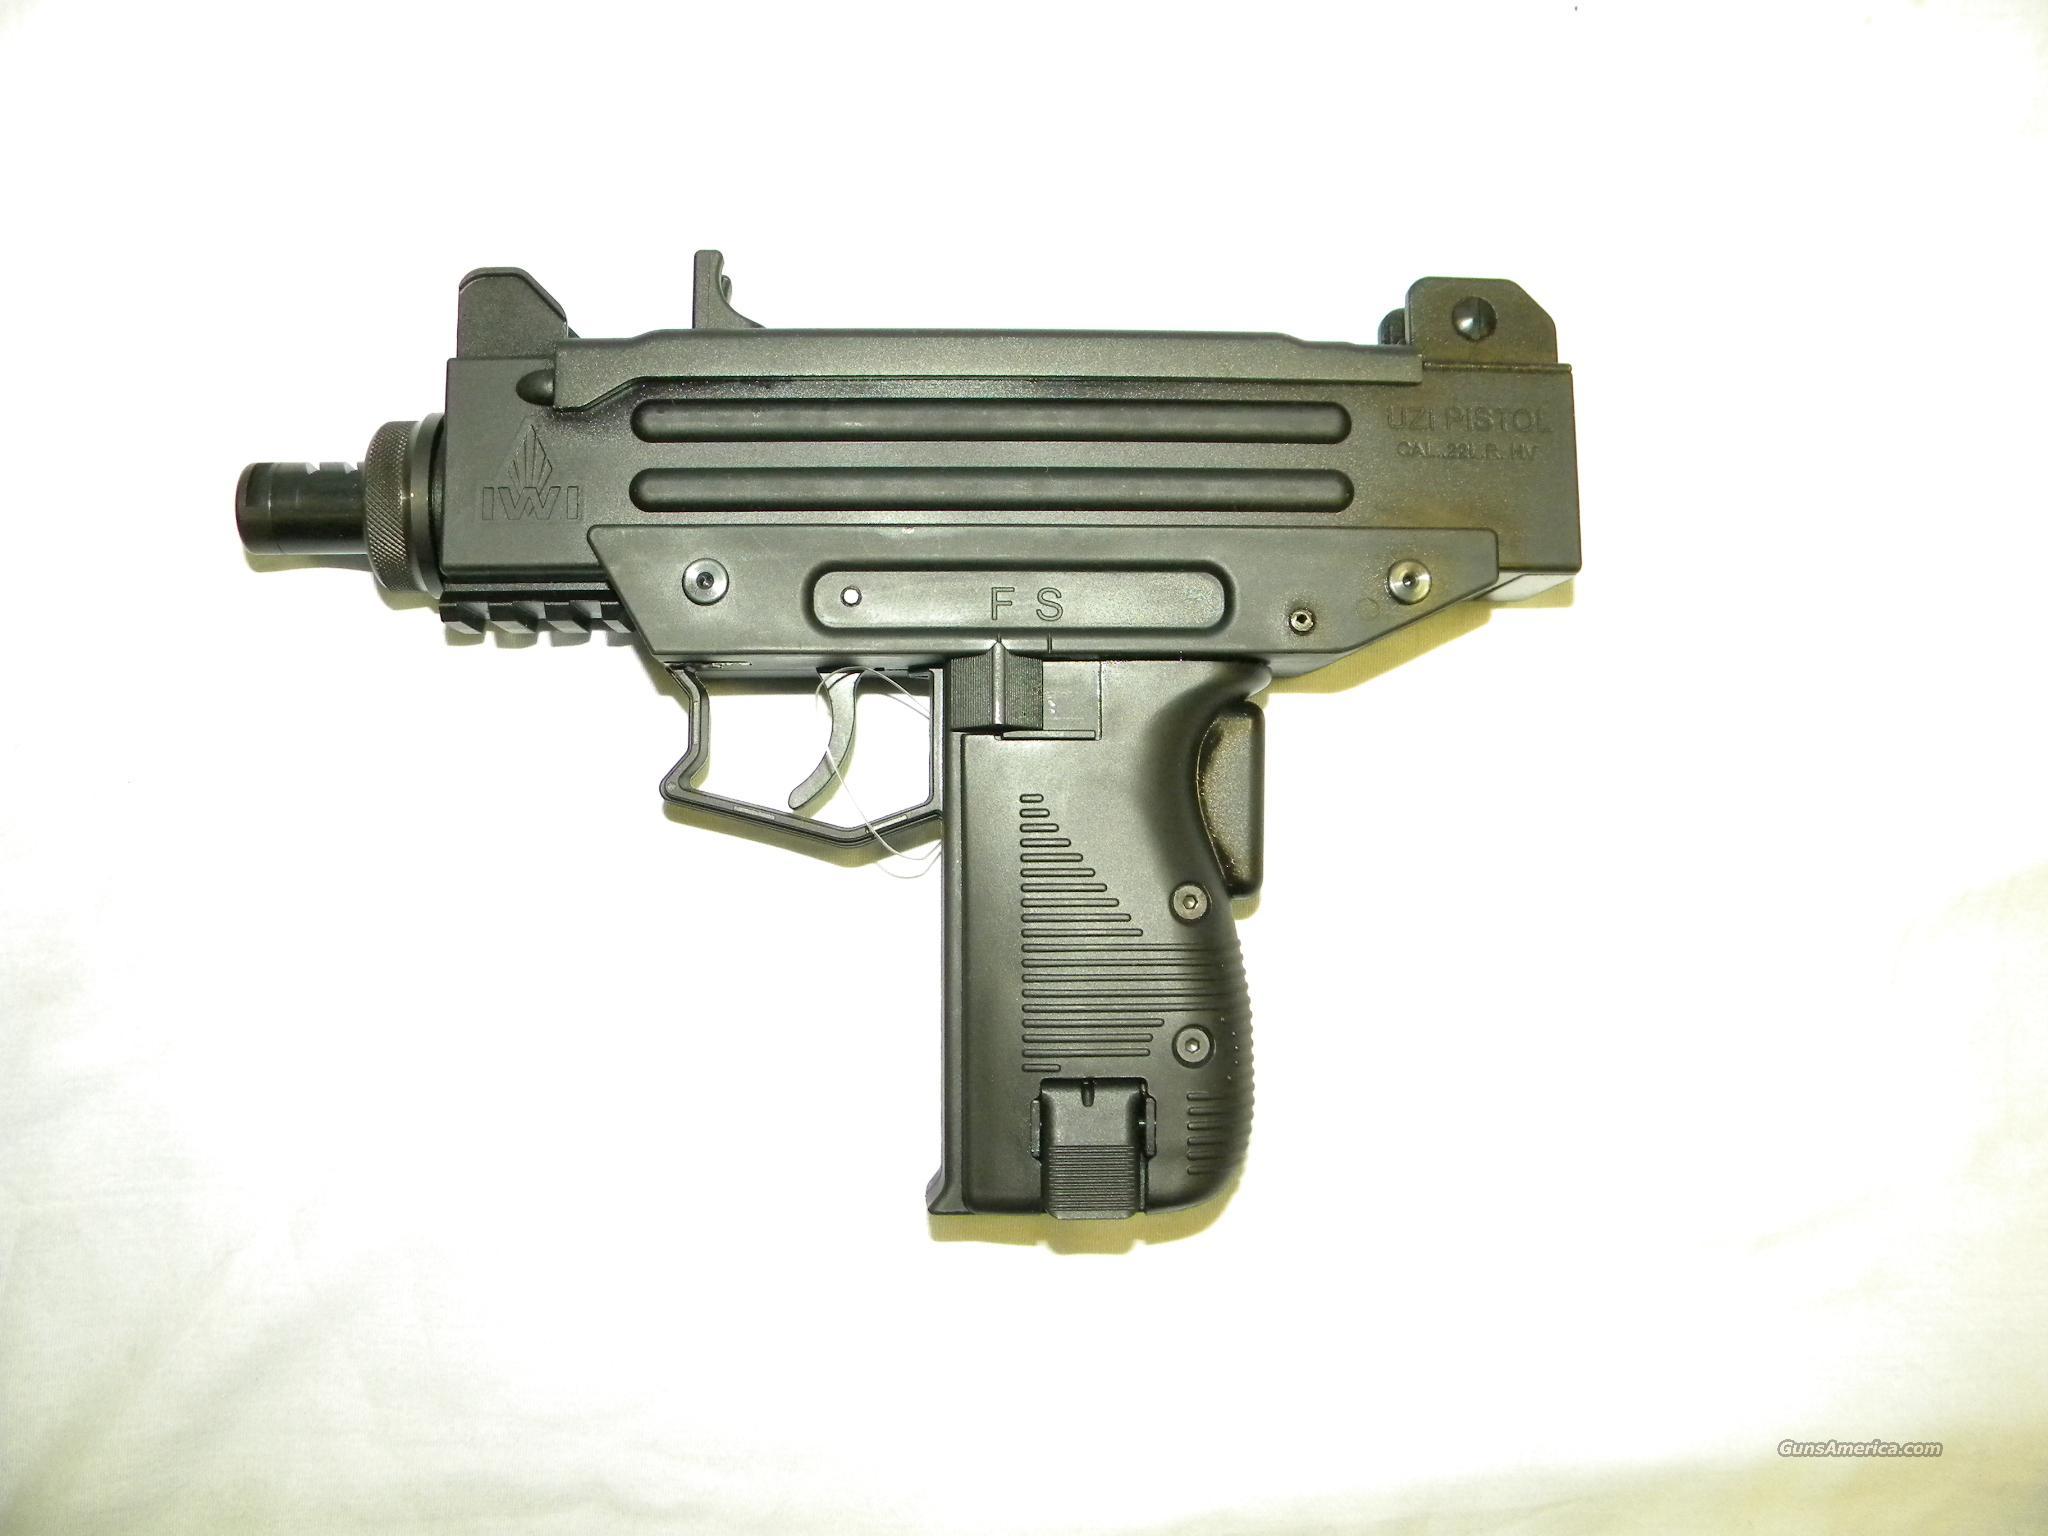 I W I  Uzi Pistol,  22 LR, Made In Germany By Walter